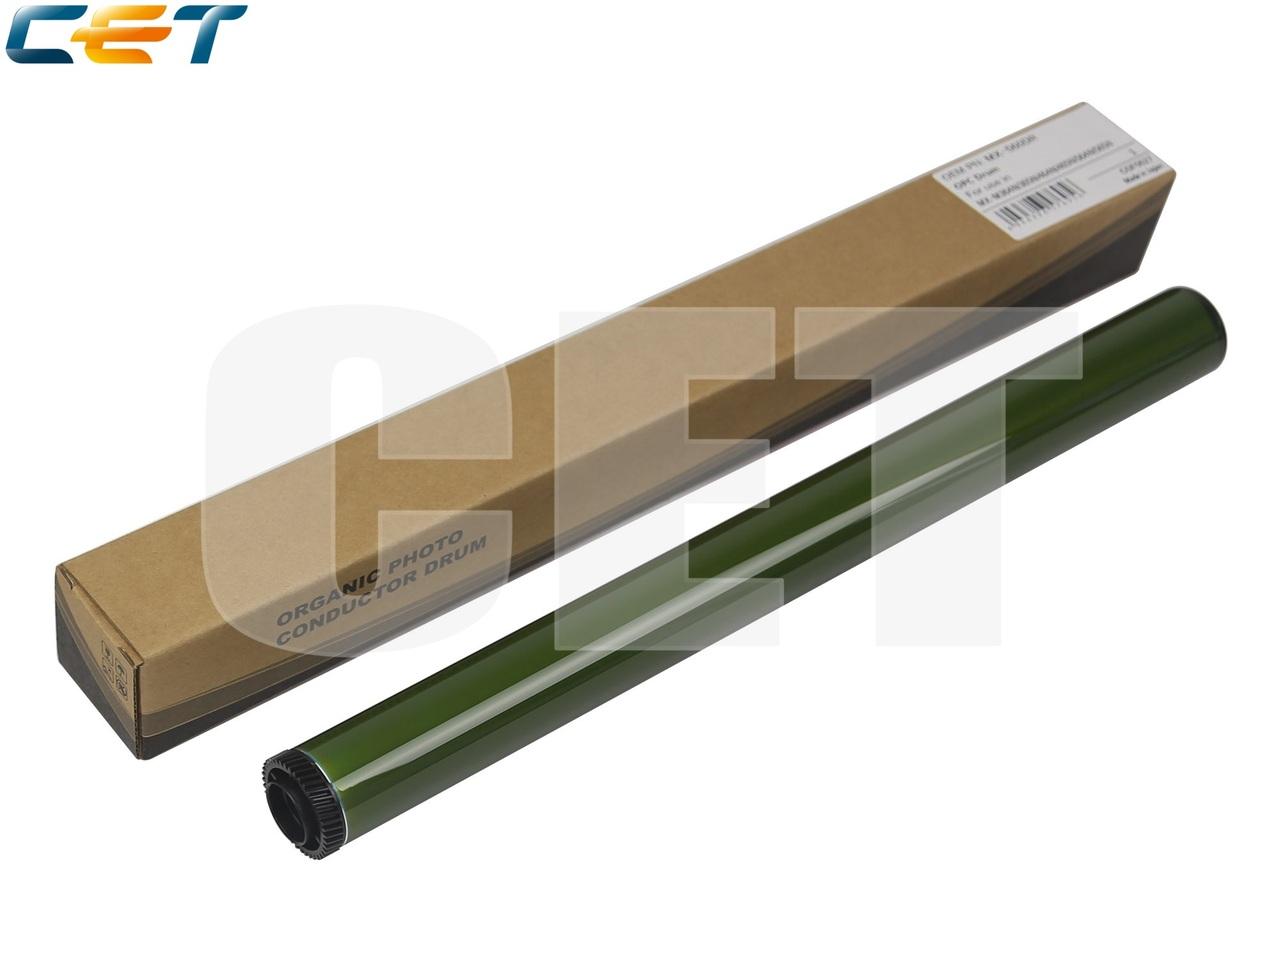 Барабан (Япония) для SHARPMX-M364N/M365N/M464N/M465N/M564N/M565N (CET), 300000стр., CET7695